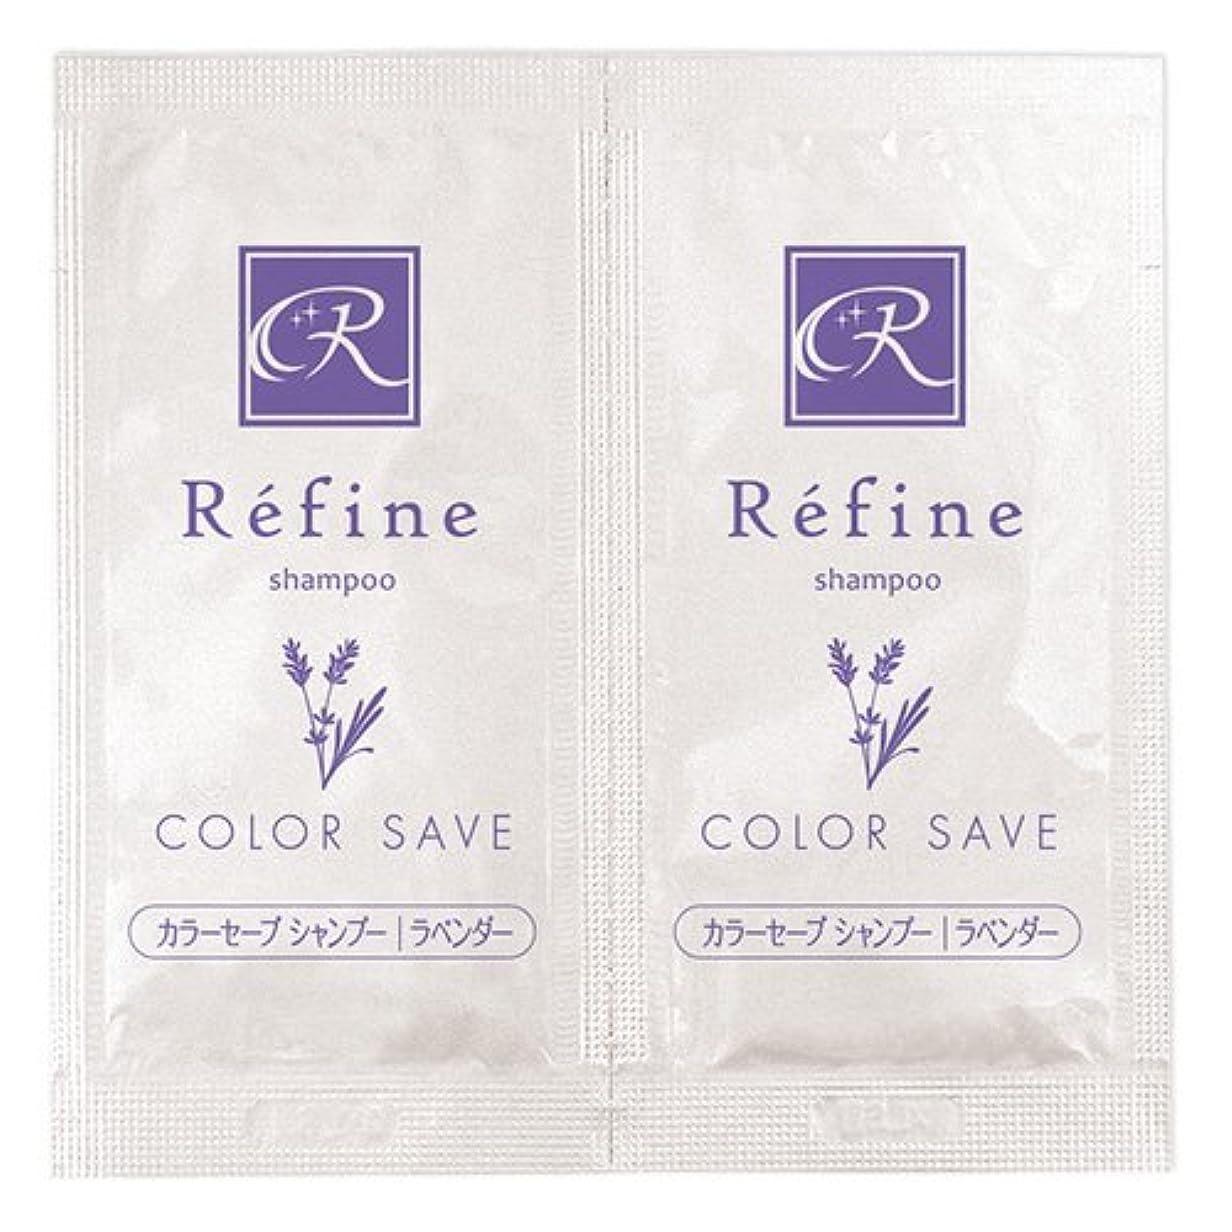 句関数震えるレフィーネ カラーセーブシャンプー 5mL(2個セット)ラベンダーの香り